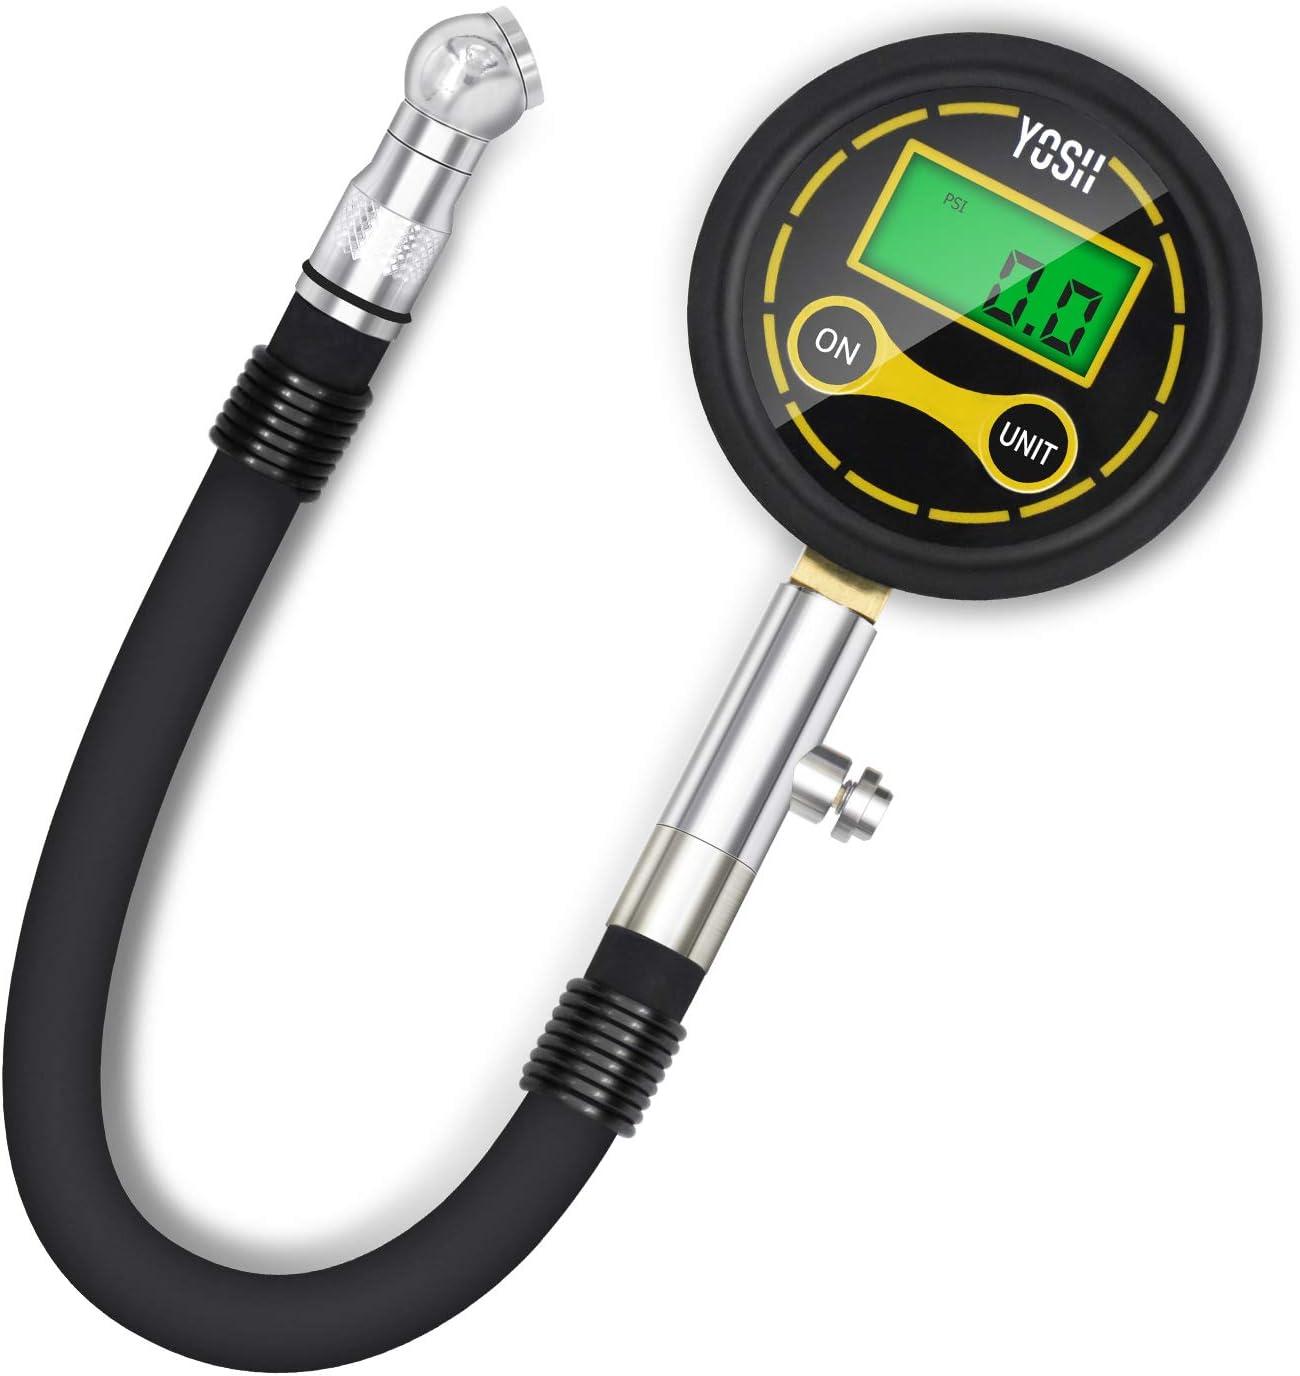 Black Backlit Digital Tire Pressure Gauge 0-200psi